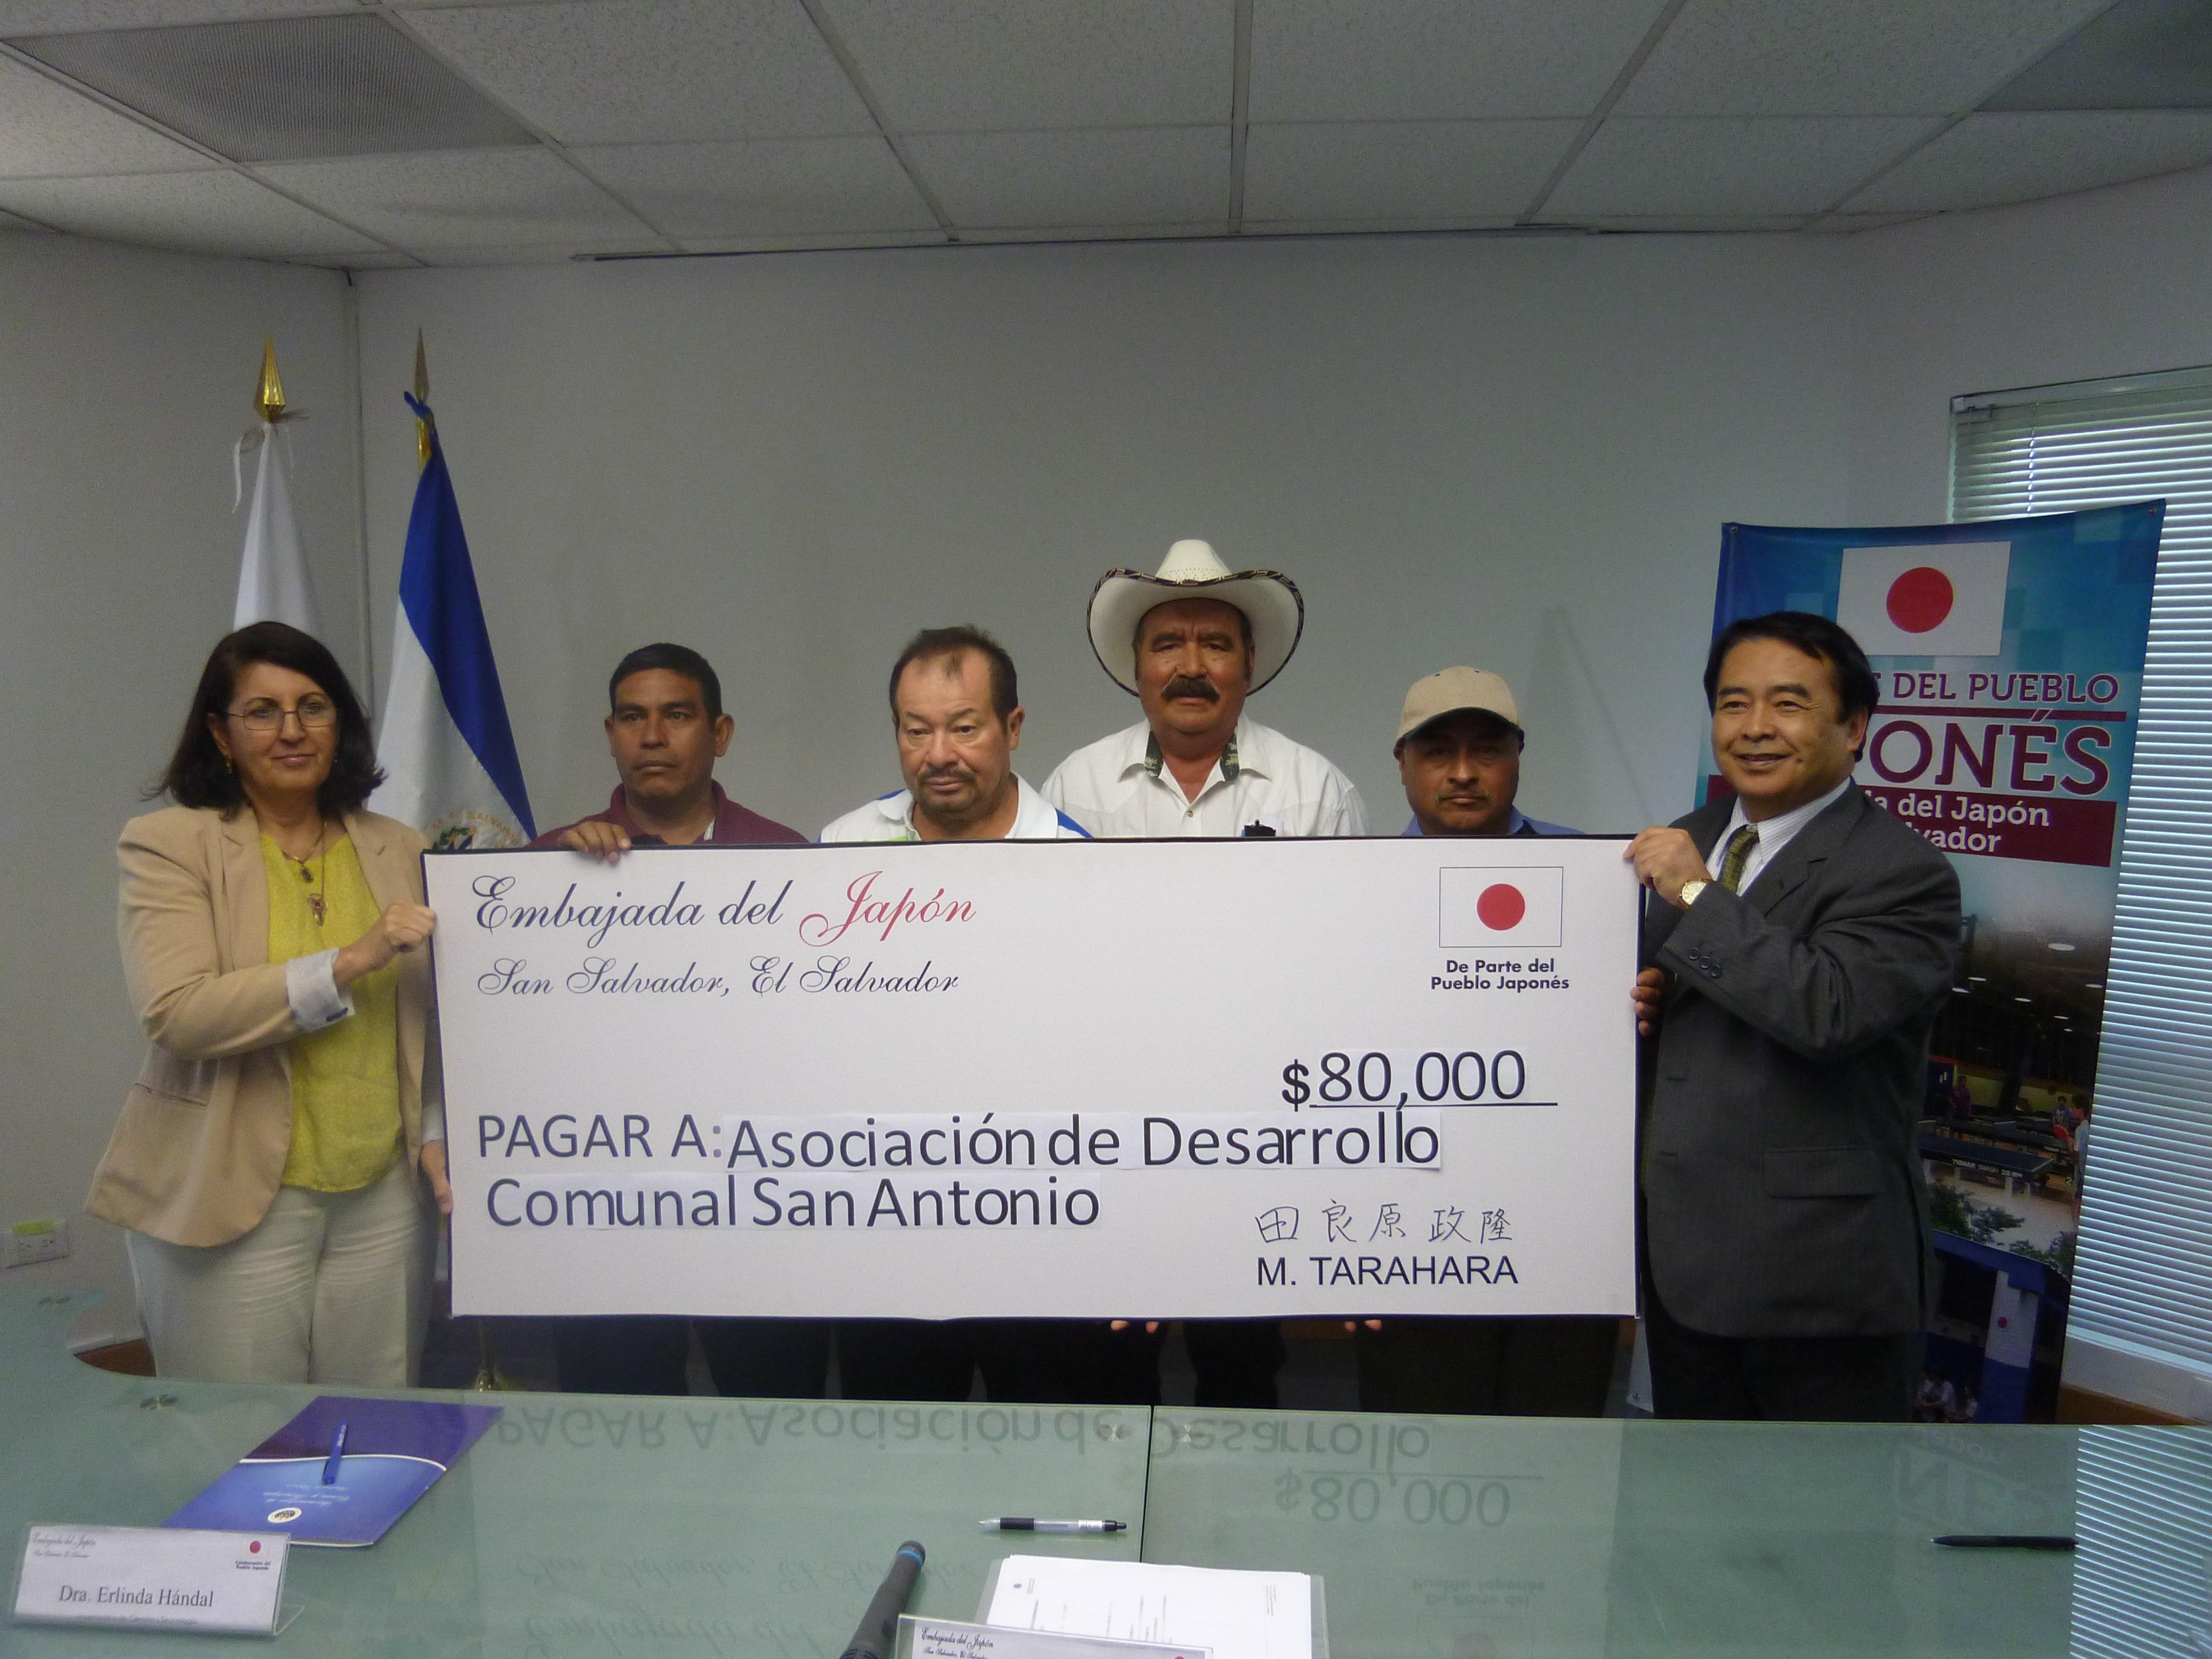 Gobierno de Japón colabora en obras de desarrollo en El Salvador